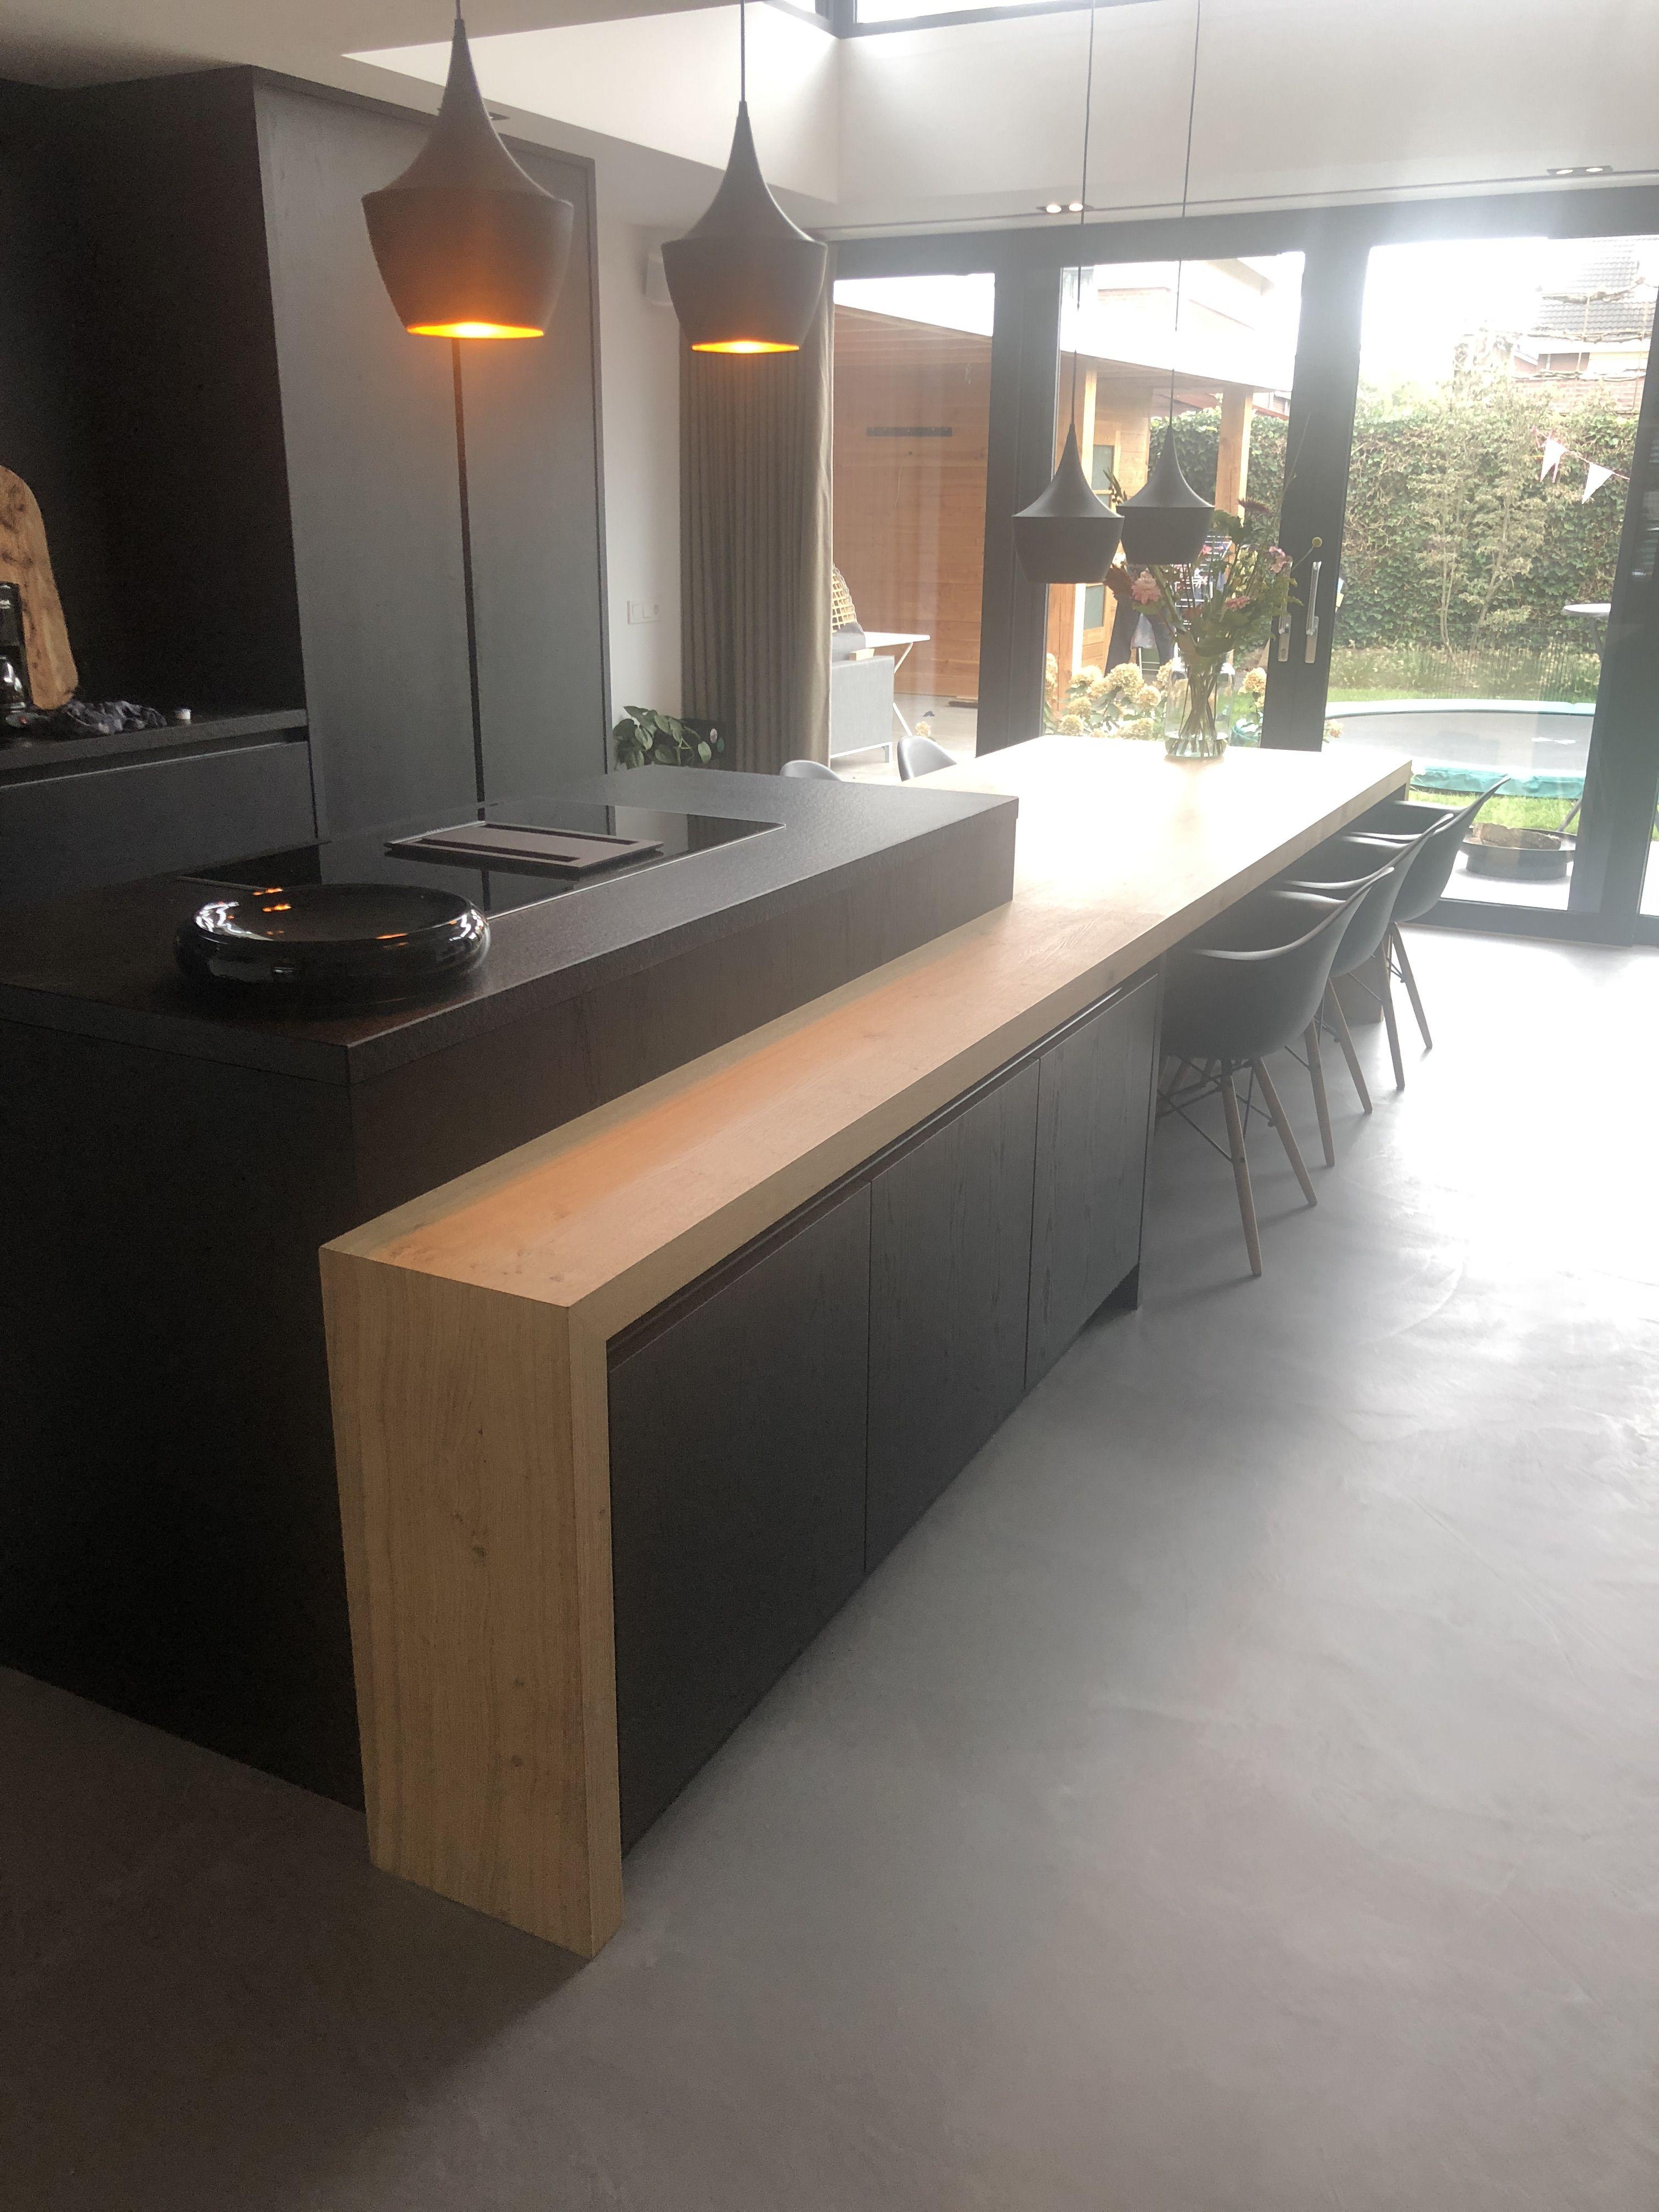 Epingle Par Victor Sur Cocinas Cuisine Moderne Cuisine Contemporaine Cuisine Appartement